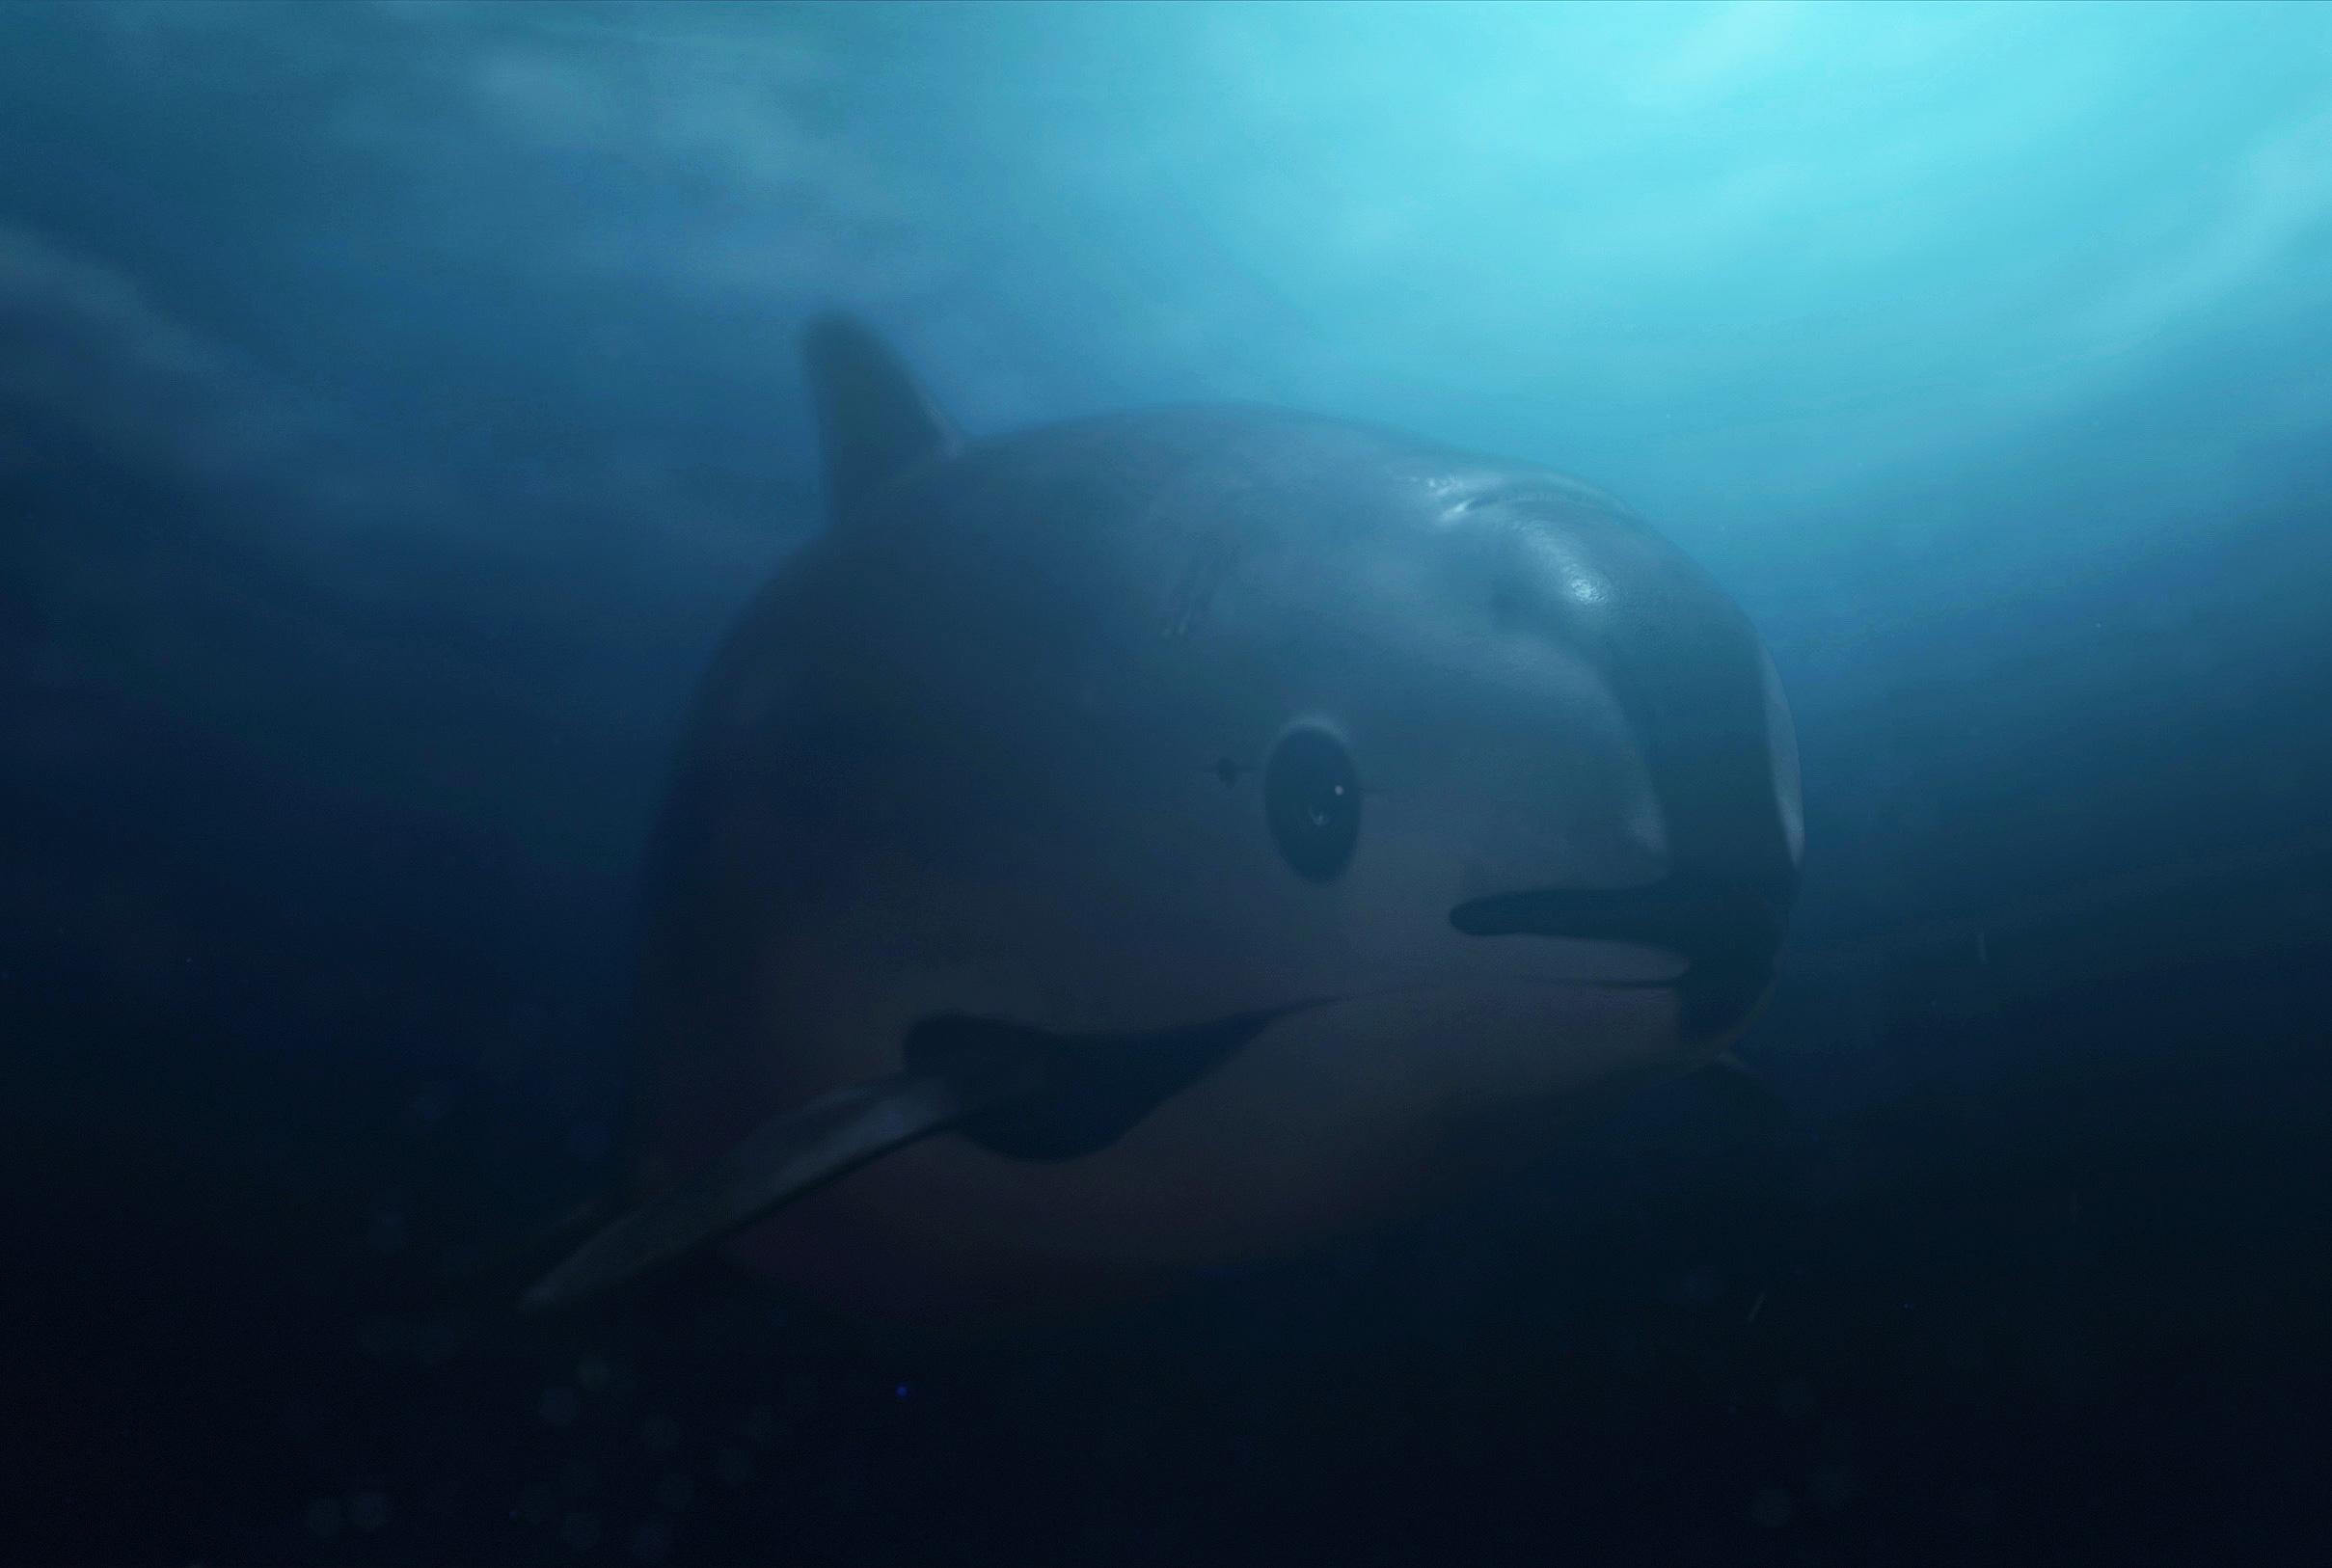 """原创 偶像做环保最棒的打开方式,莱昂纳多为拯救""""瓦基塔""""涉险拍片"""